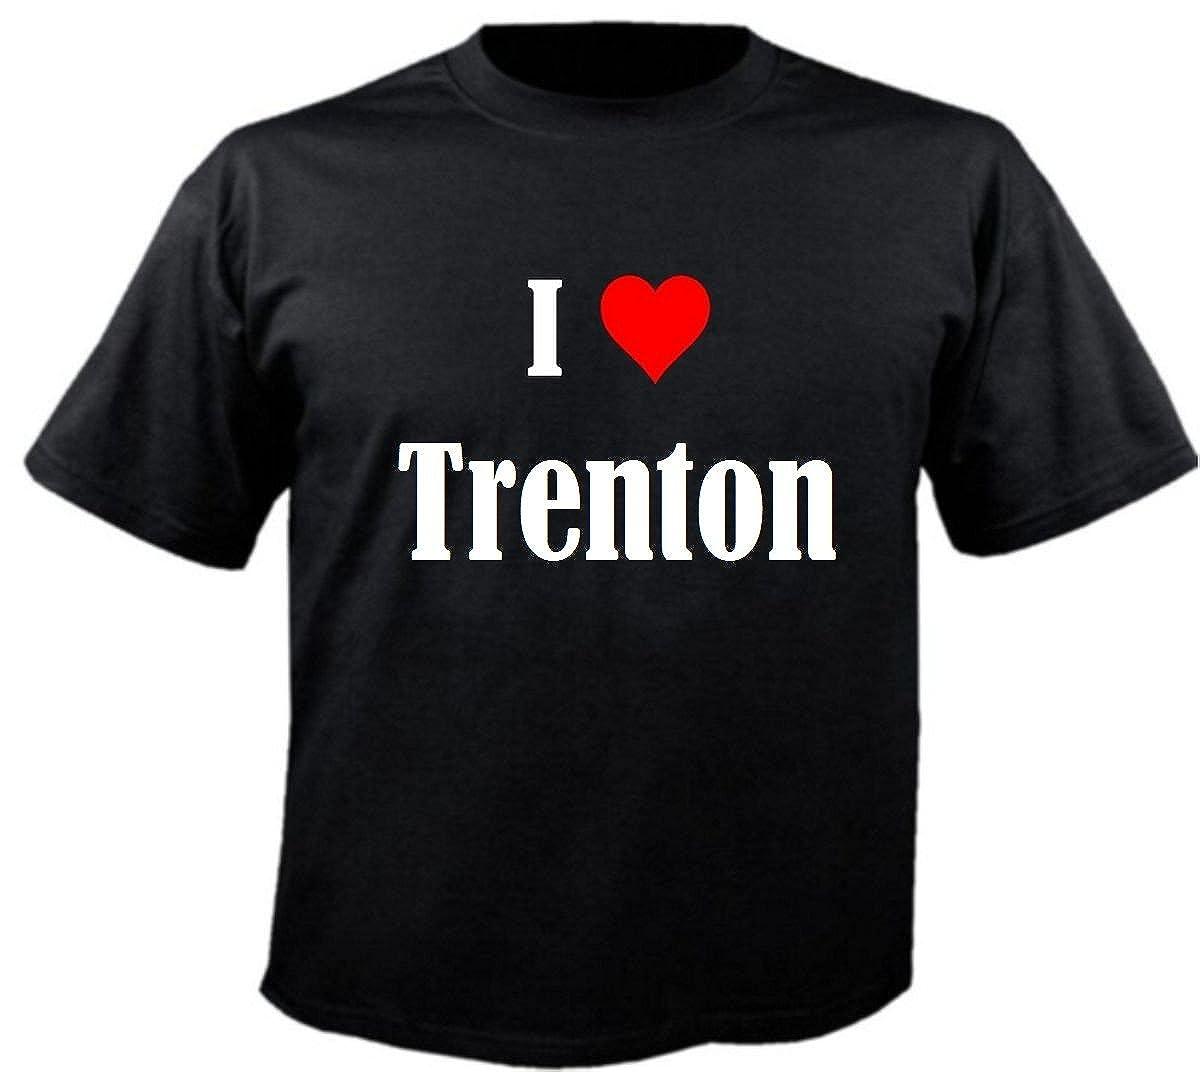 Trenton frauen suchen männer